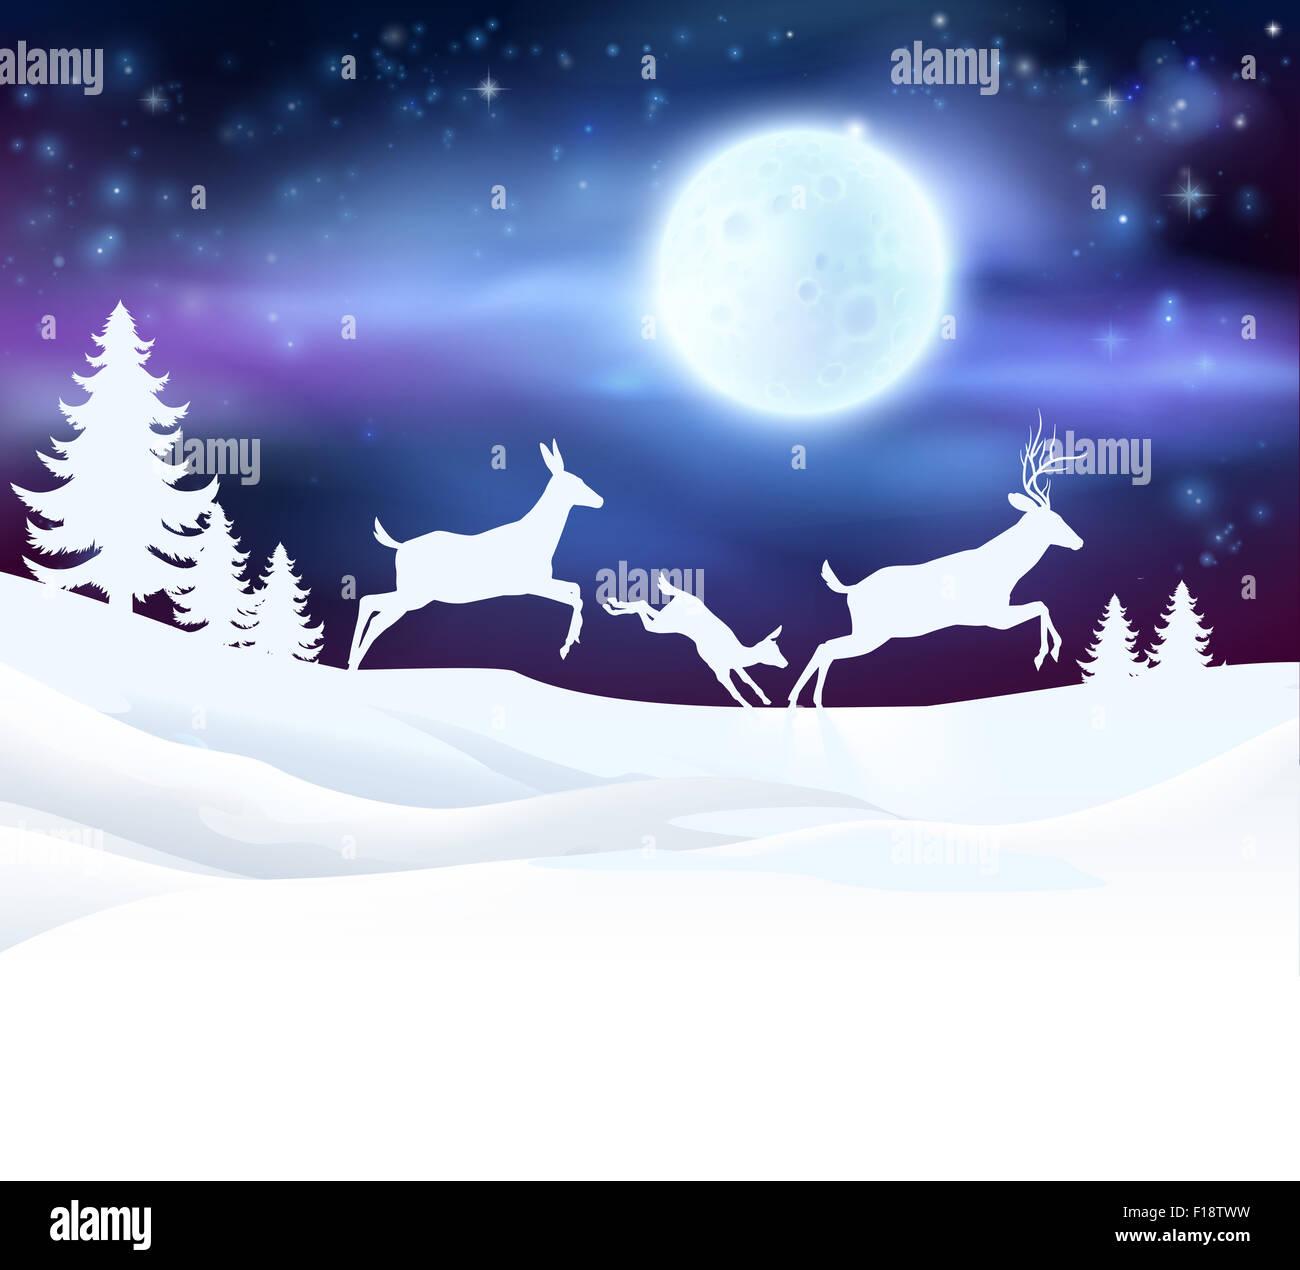 Ein Winter-Weihnachts-Szene mit einem Hirsch Familie laufen im ...